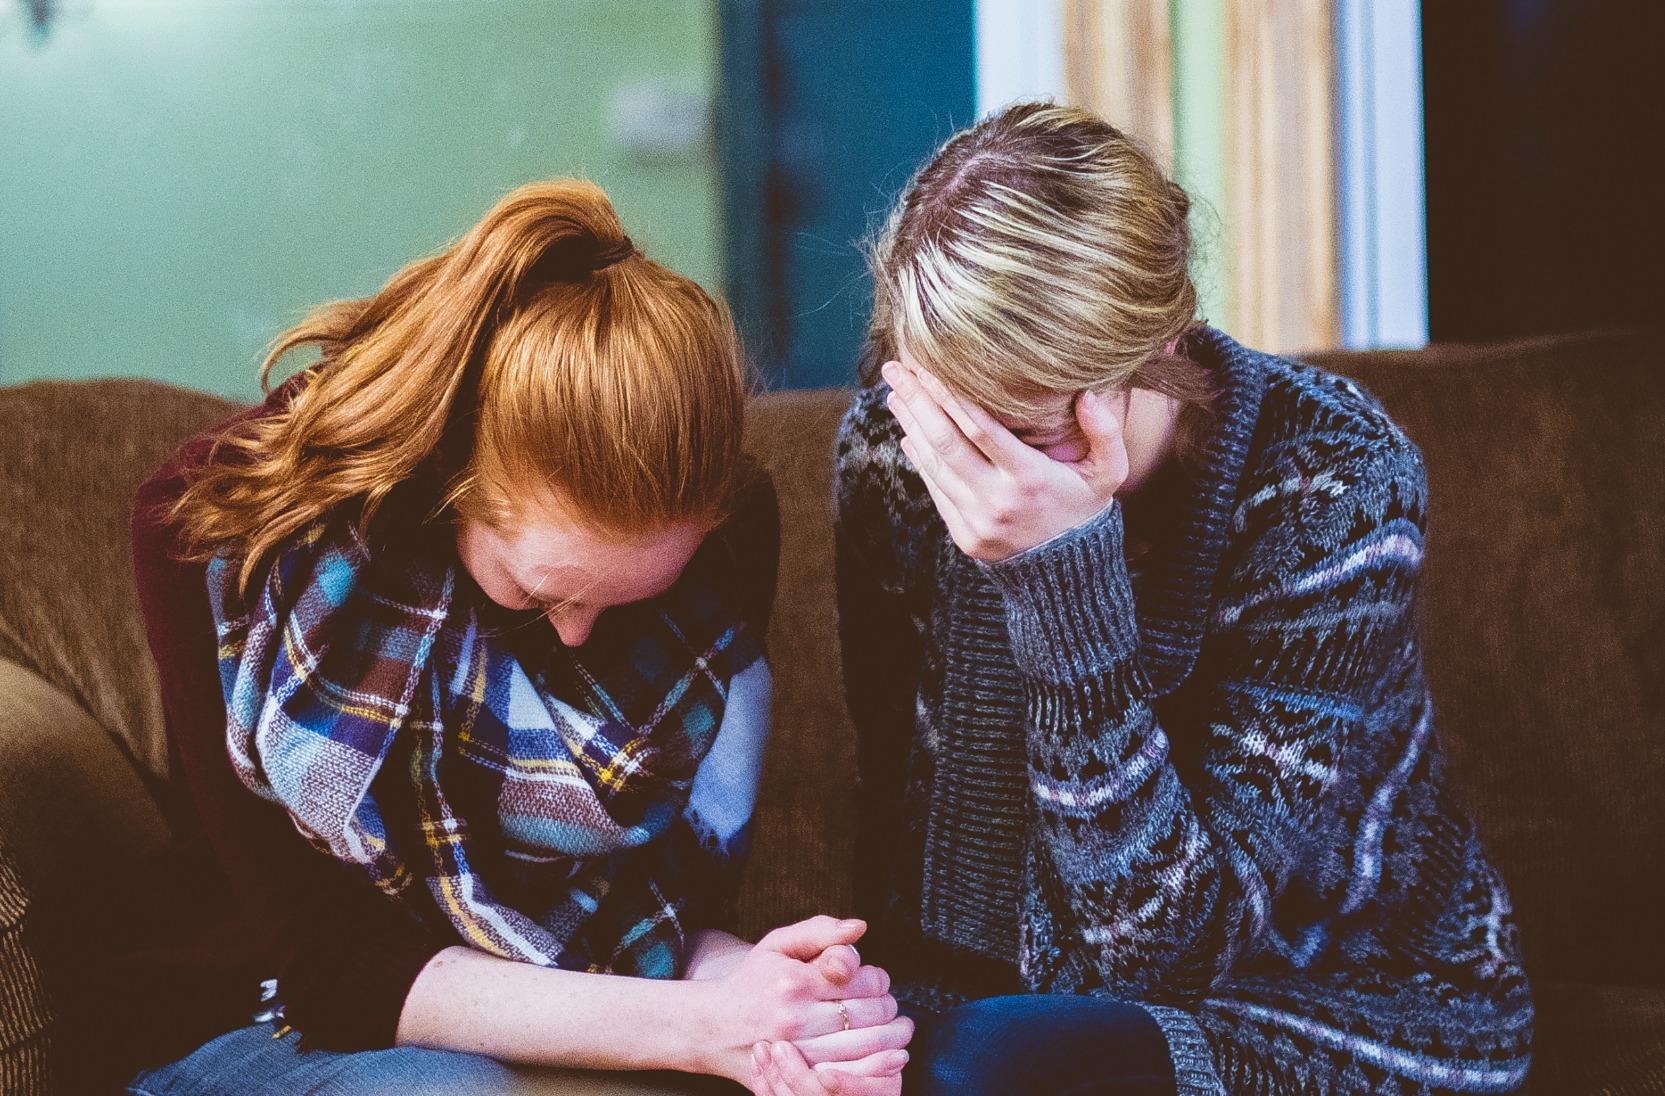 mental health awareness week the rising network